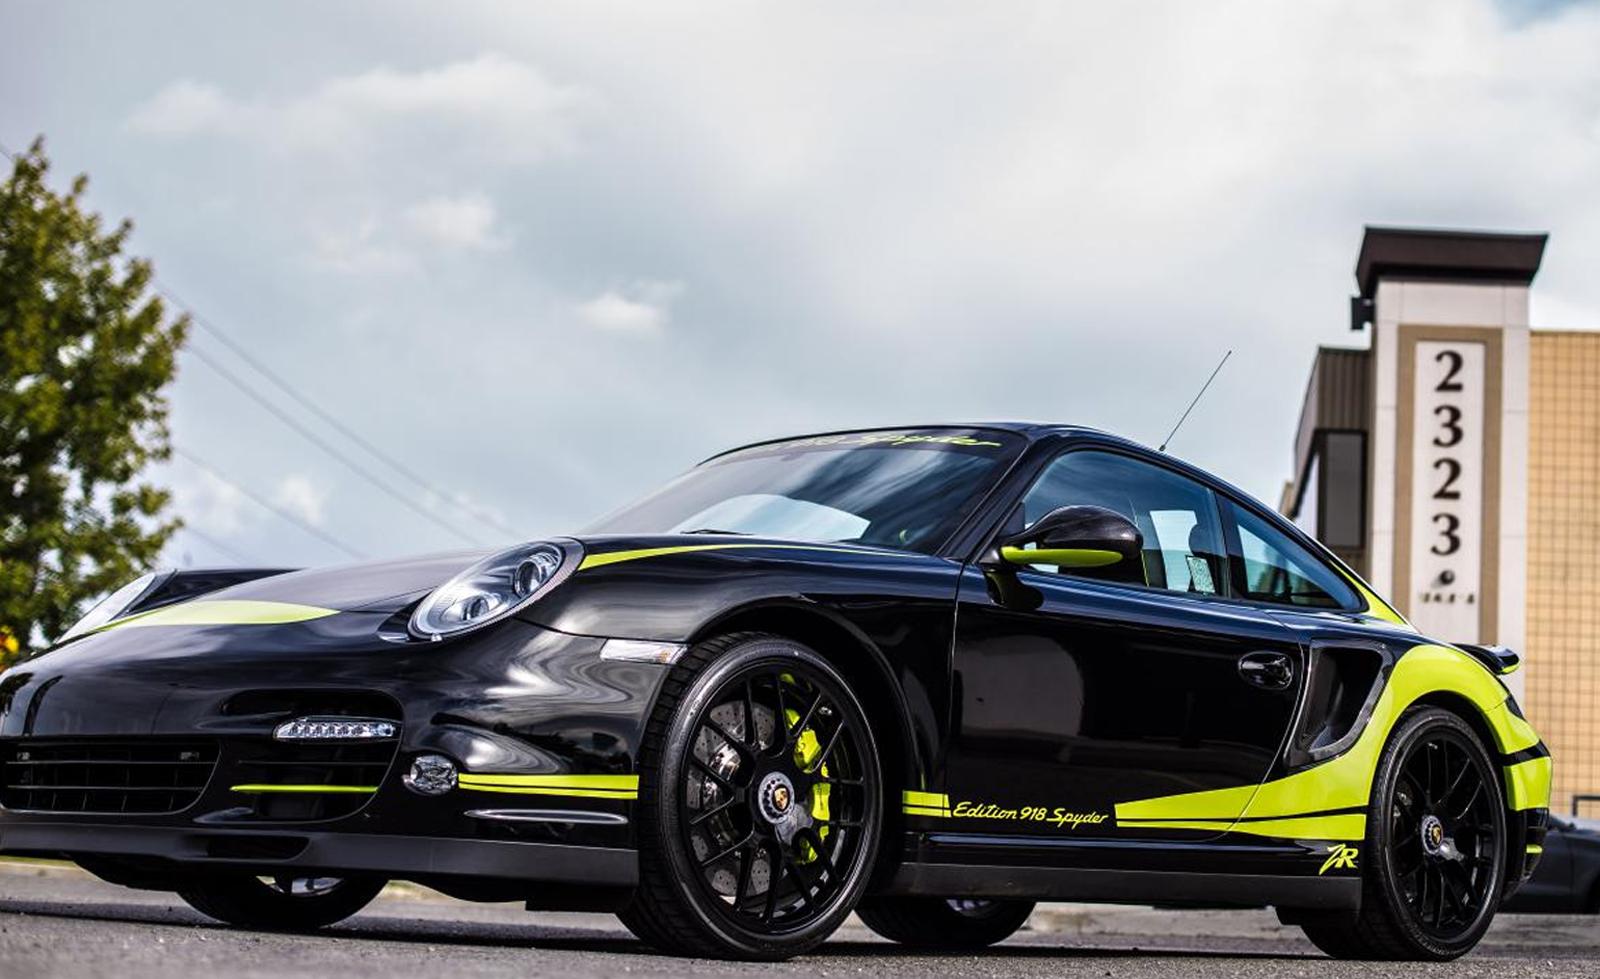 Porsche 911 Turbo S Edition 918 Spyder By Zr Auto Gtspirit